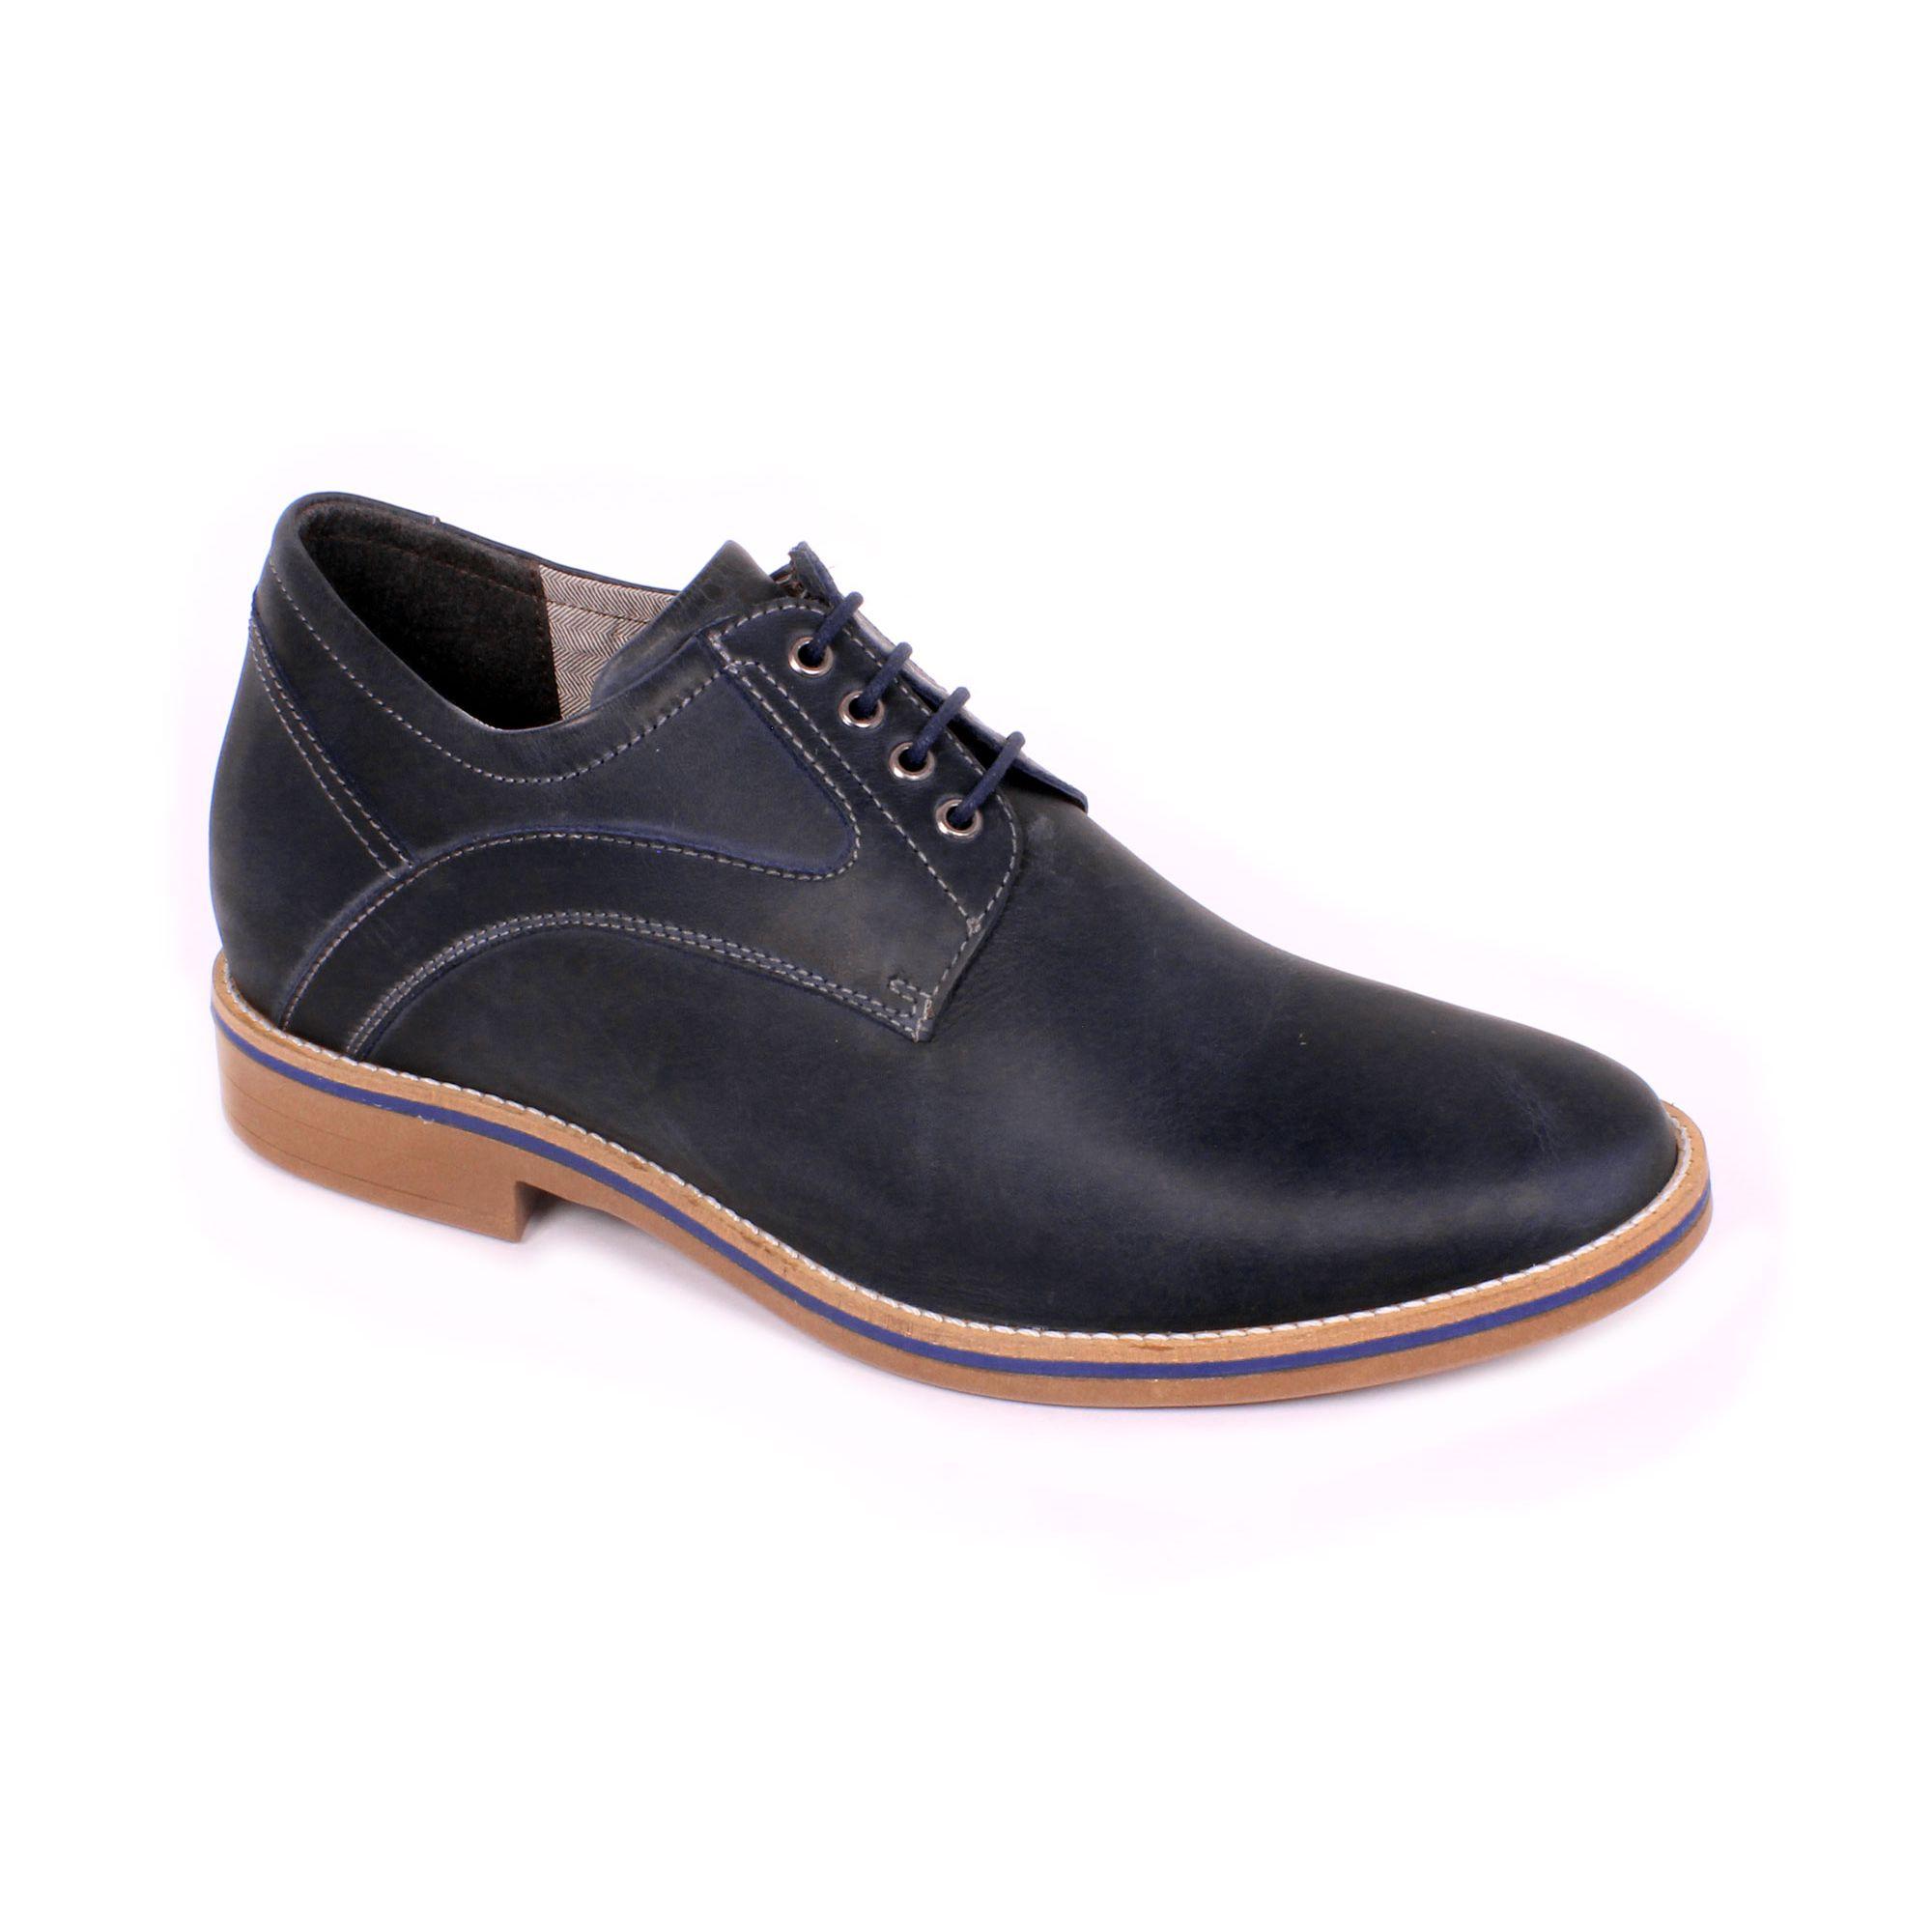 Zapato Casual Culture Azul Max Denegri +7cm de Altura_70793